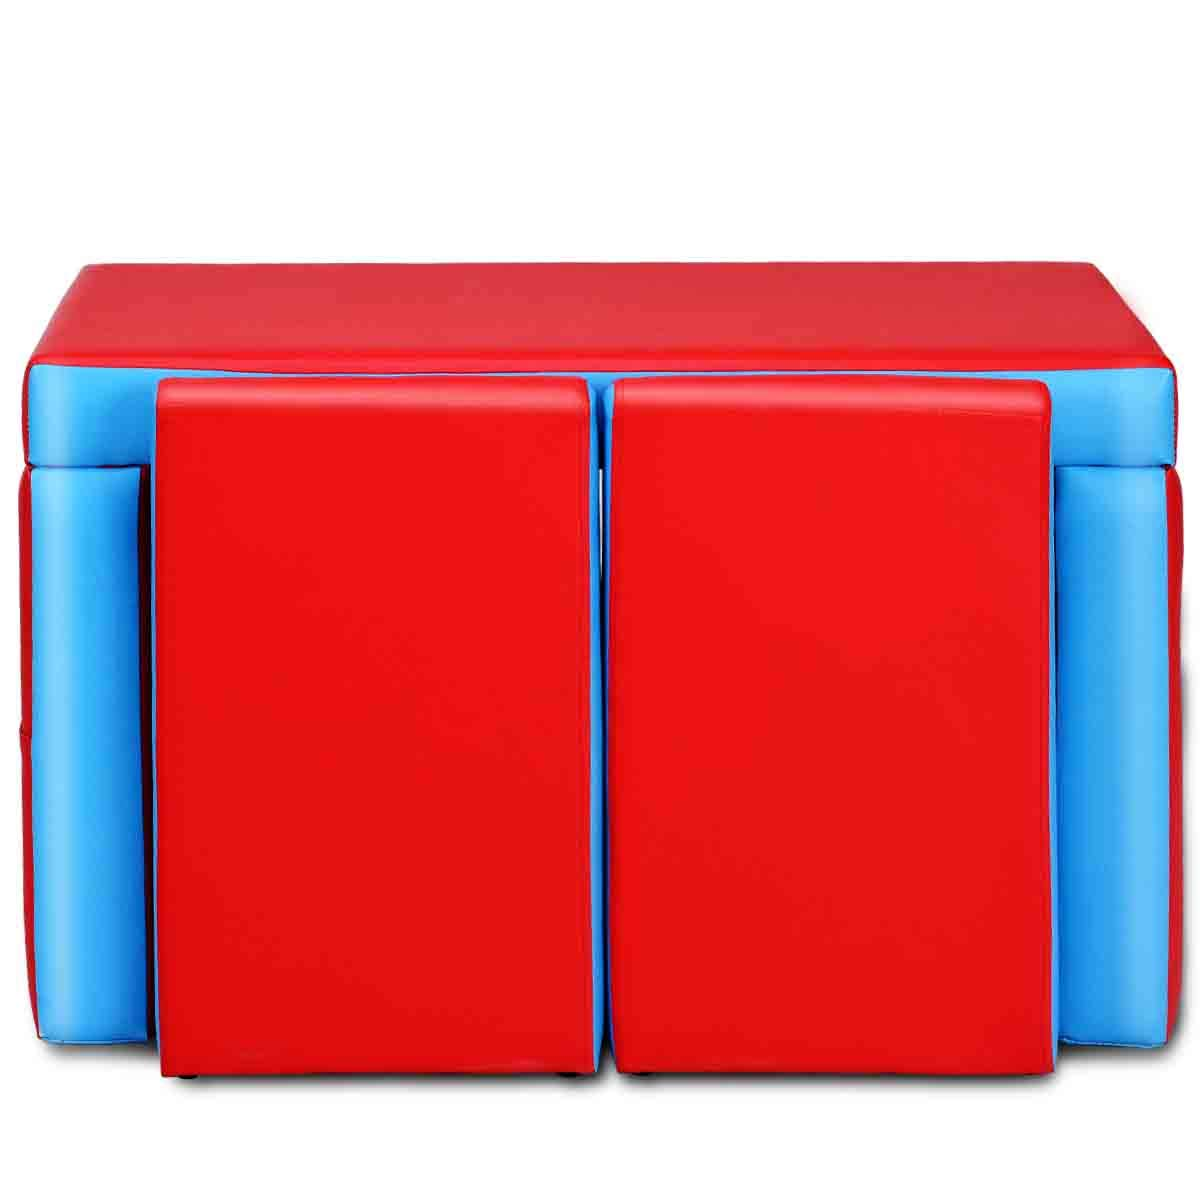 Costway Canap/é Enfant Fauteuil Enfant Sofa pour Enfant PVC Combinaison 2 Si/ège PVC Bleu et Rouge